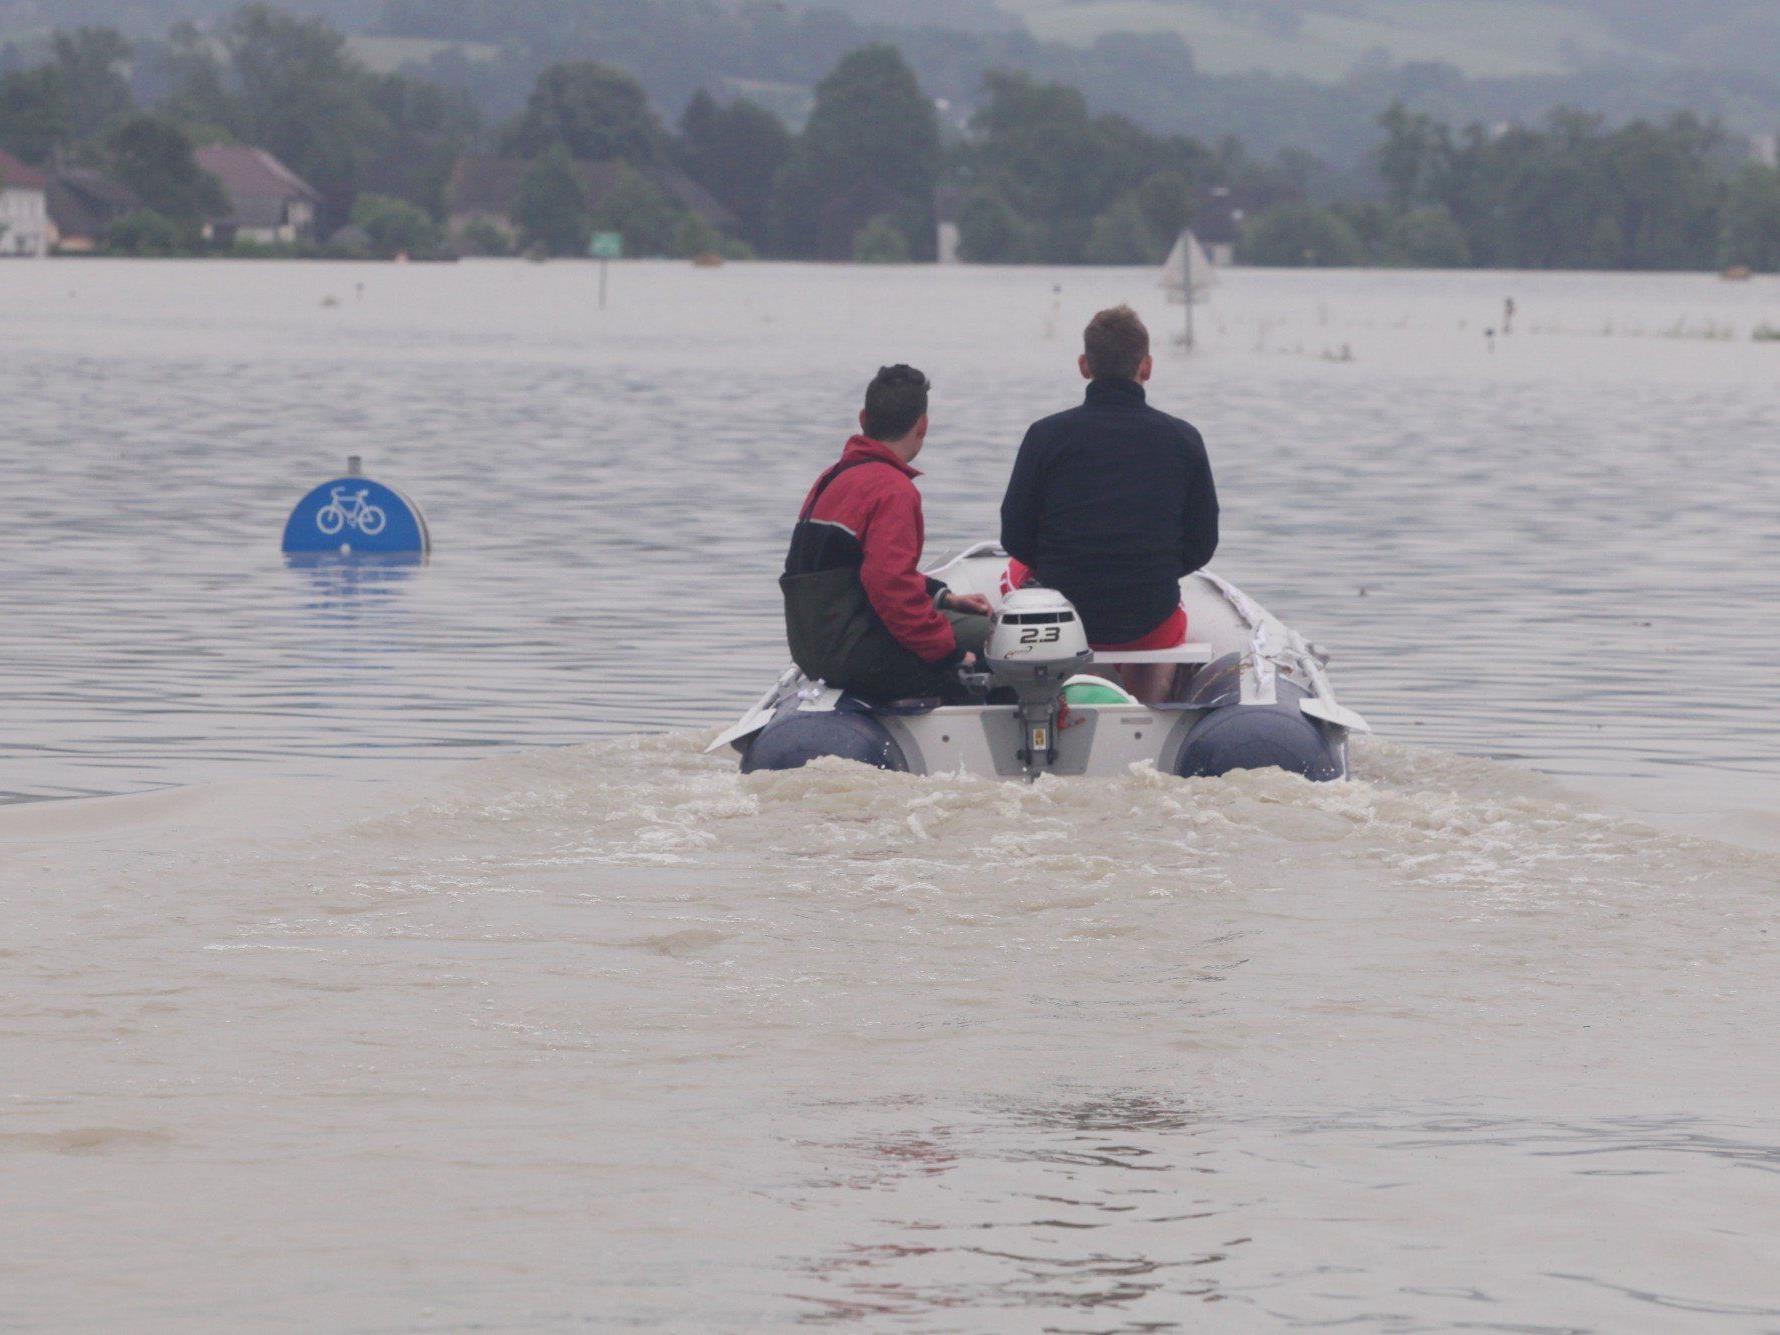 Hochwasser - Fünf Jäger mit Boot auf Donau bei Wallsee gekentert